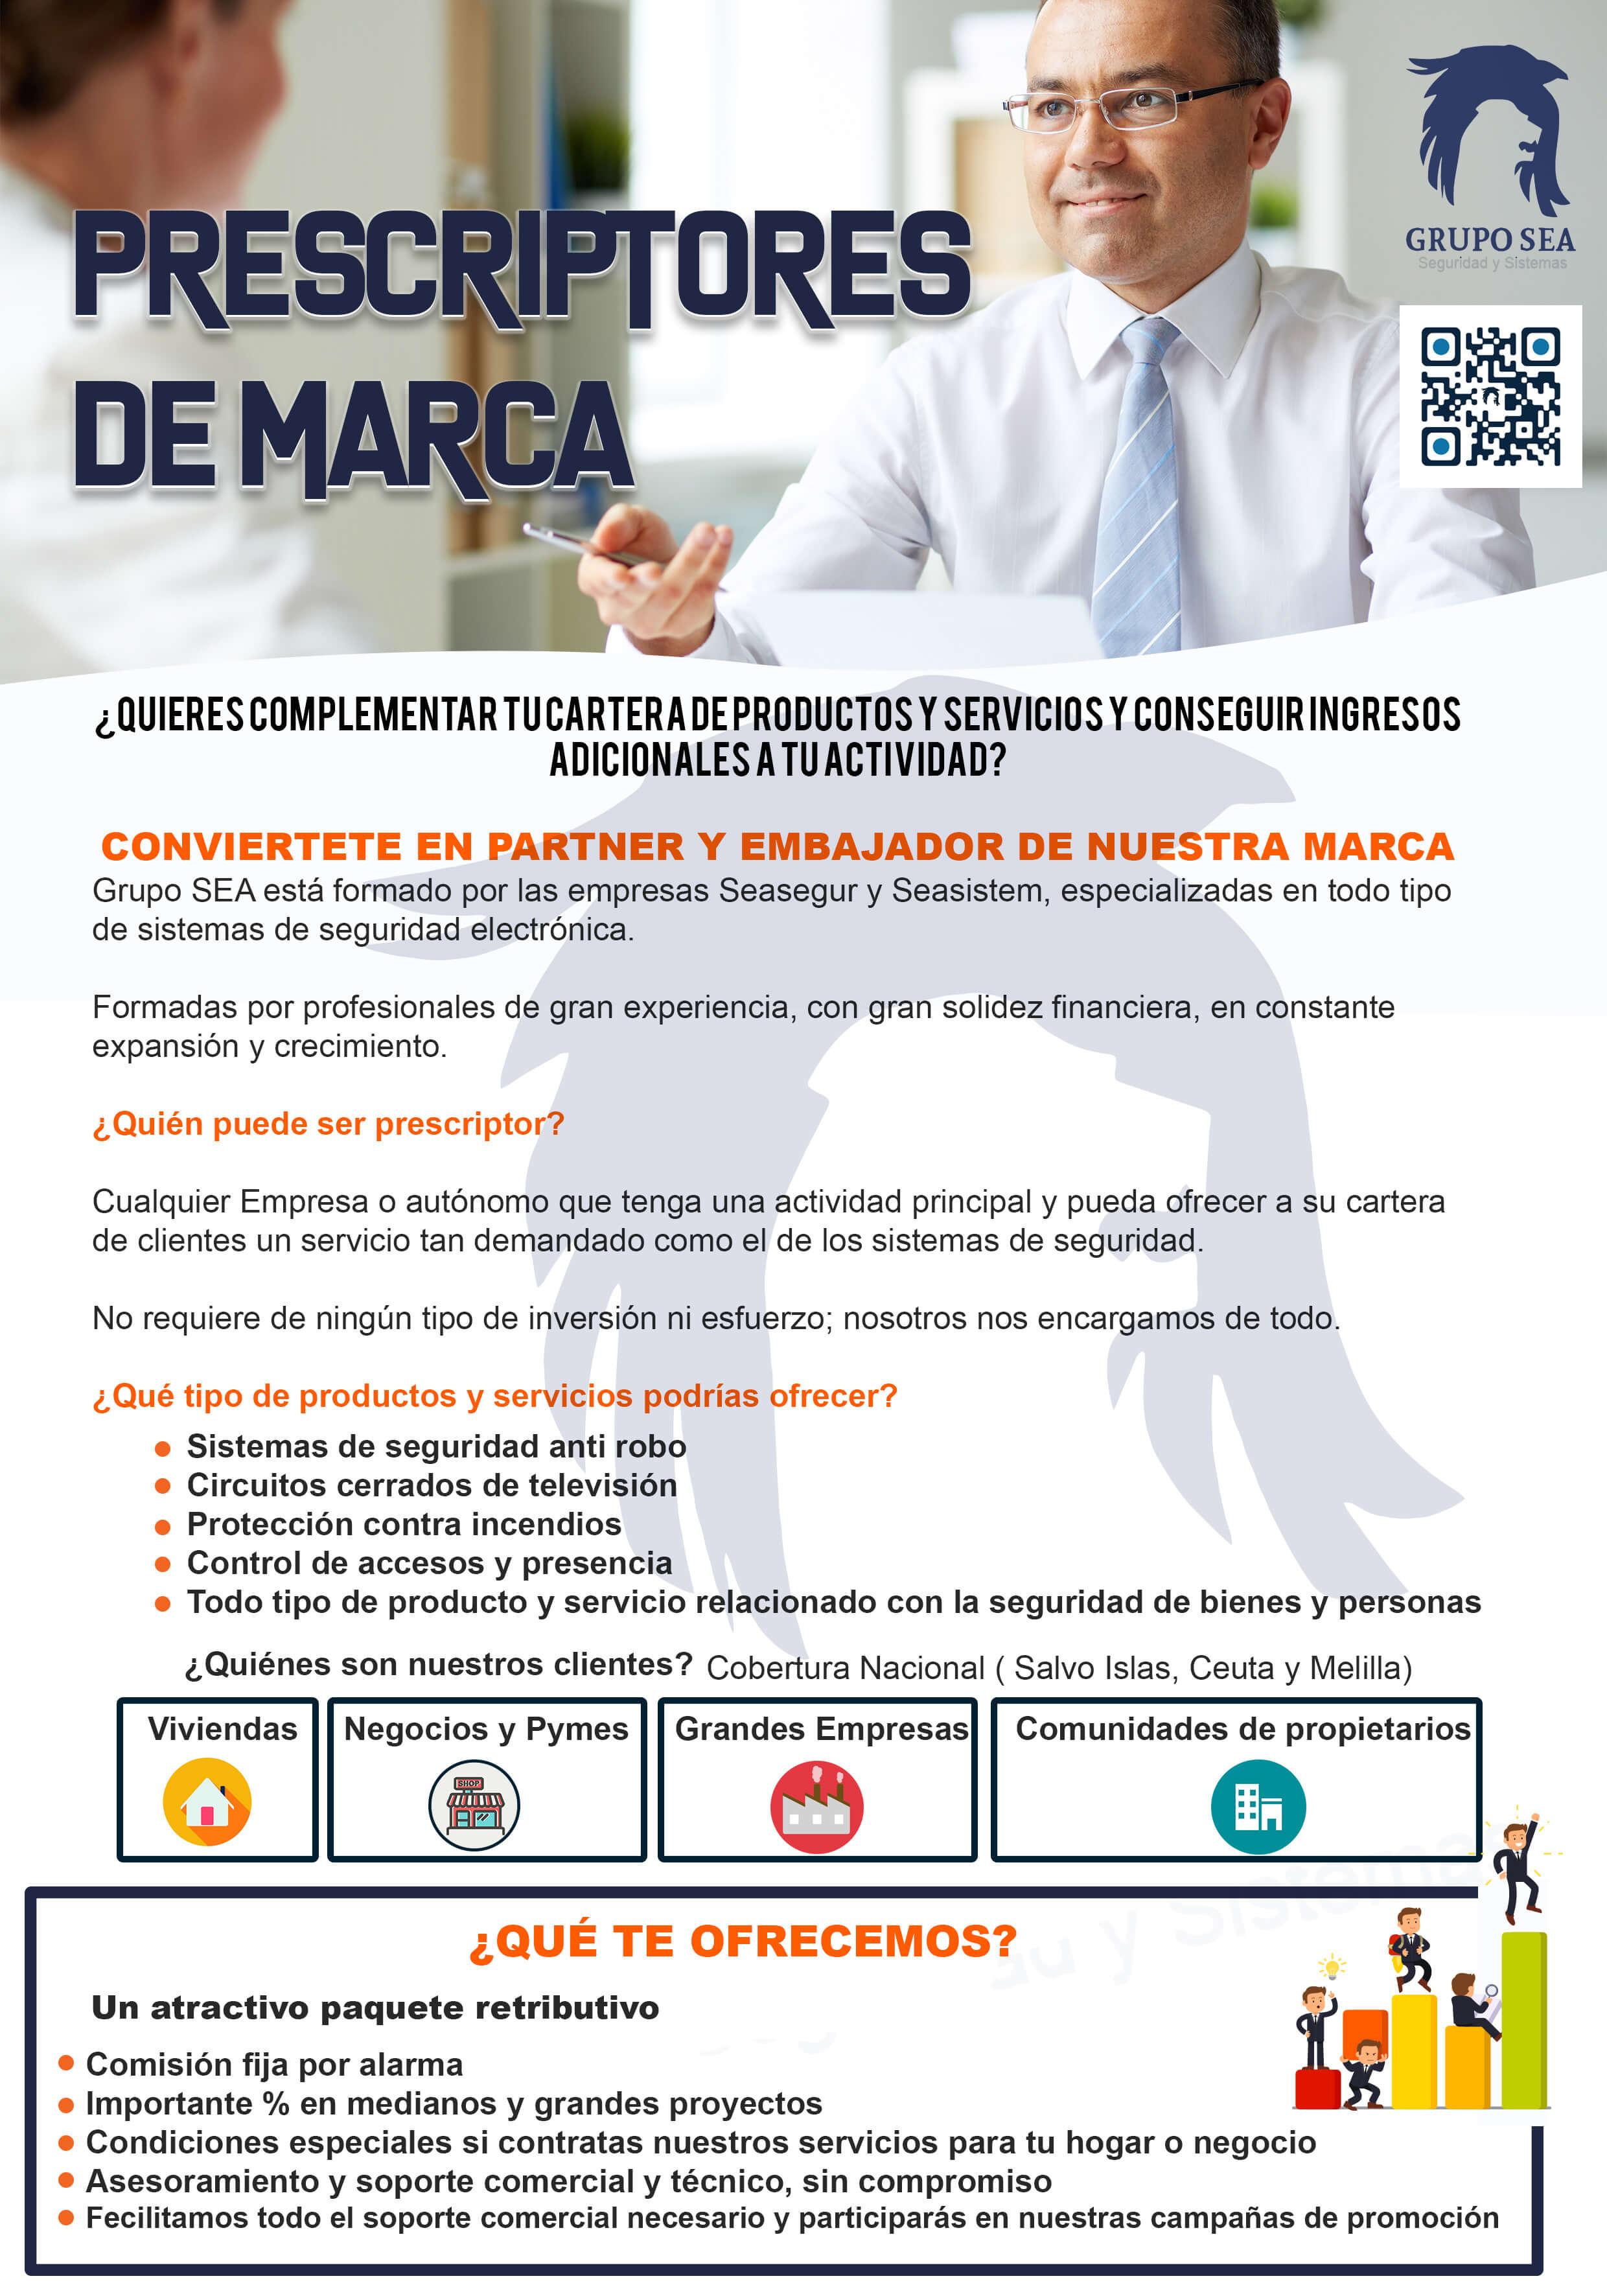 PRESCRIPTORES DE MARCA